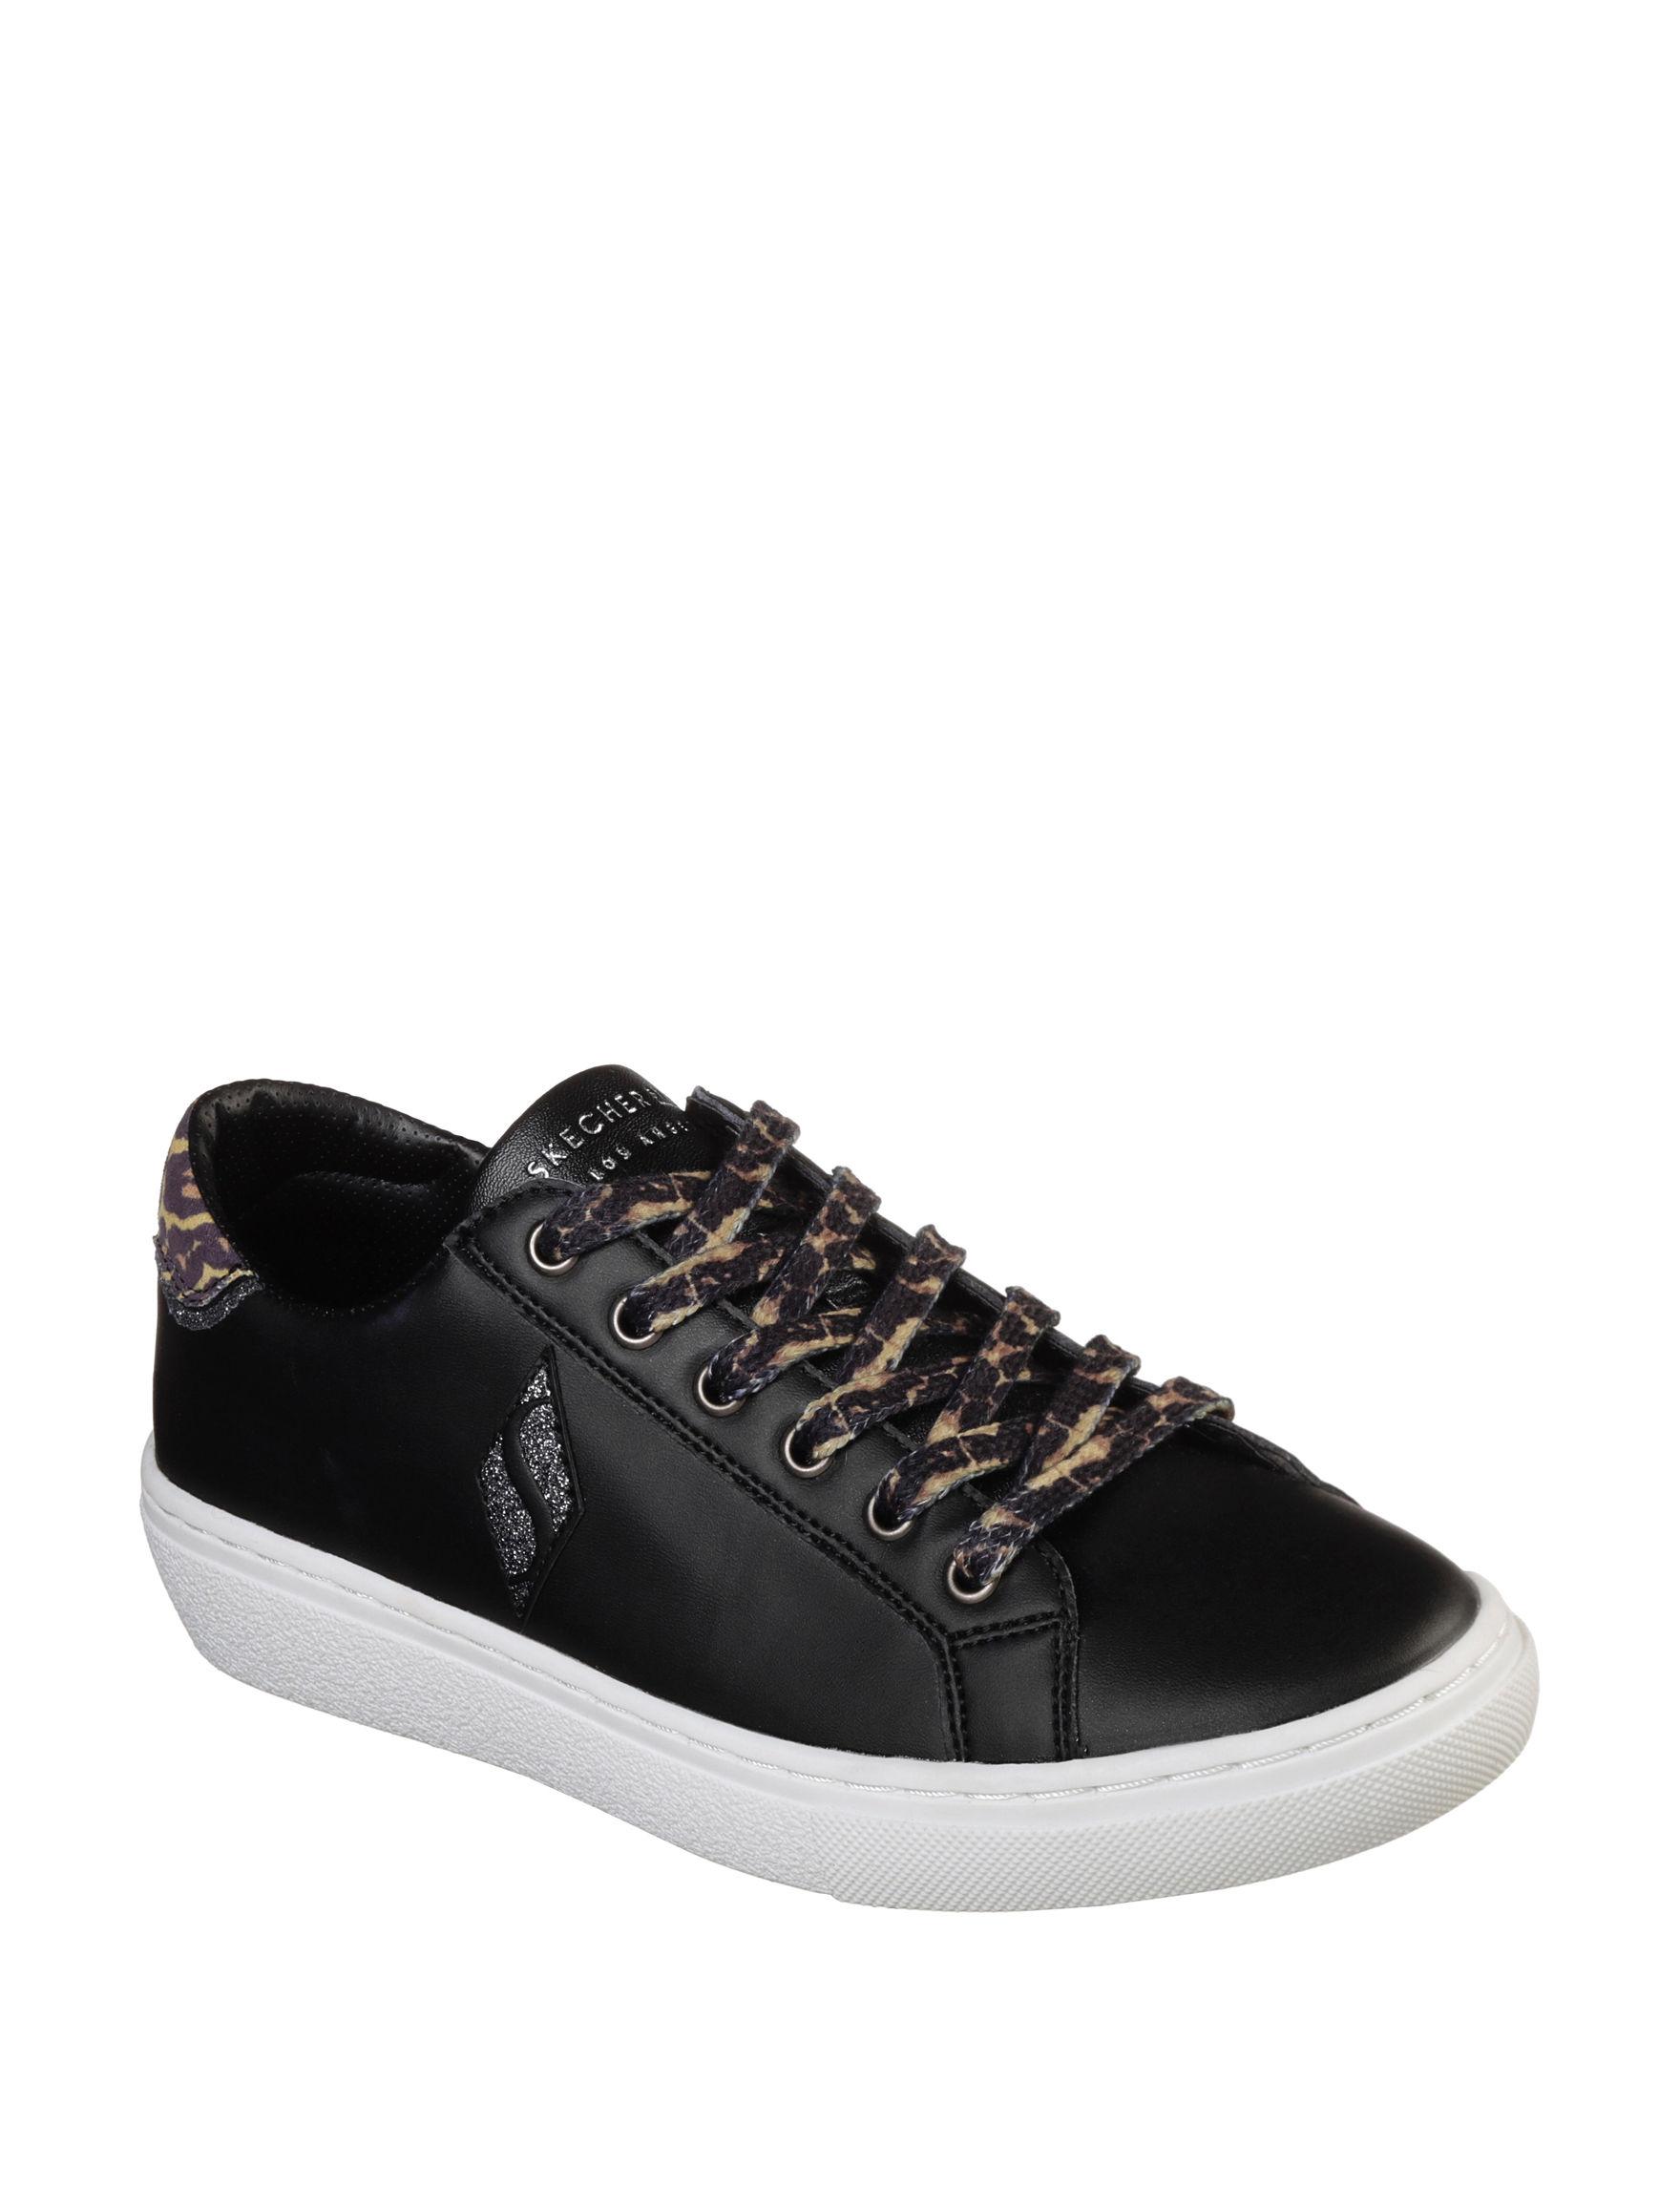 Skechers Black Comfort Shoes